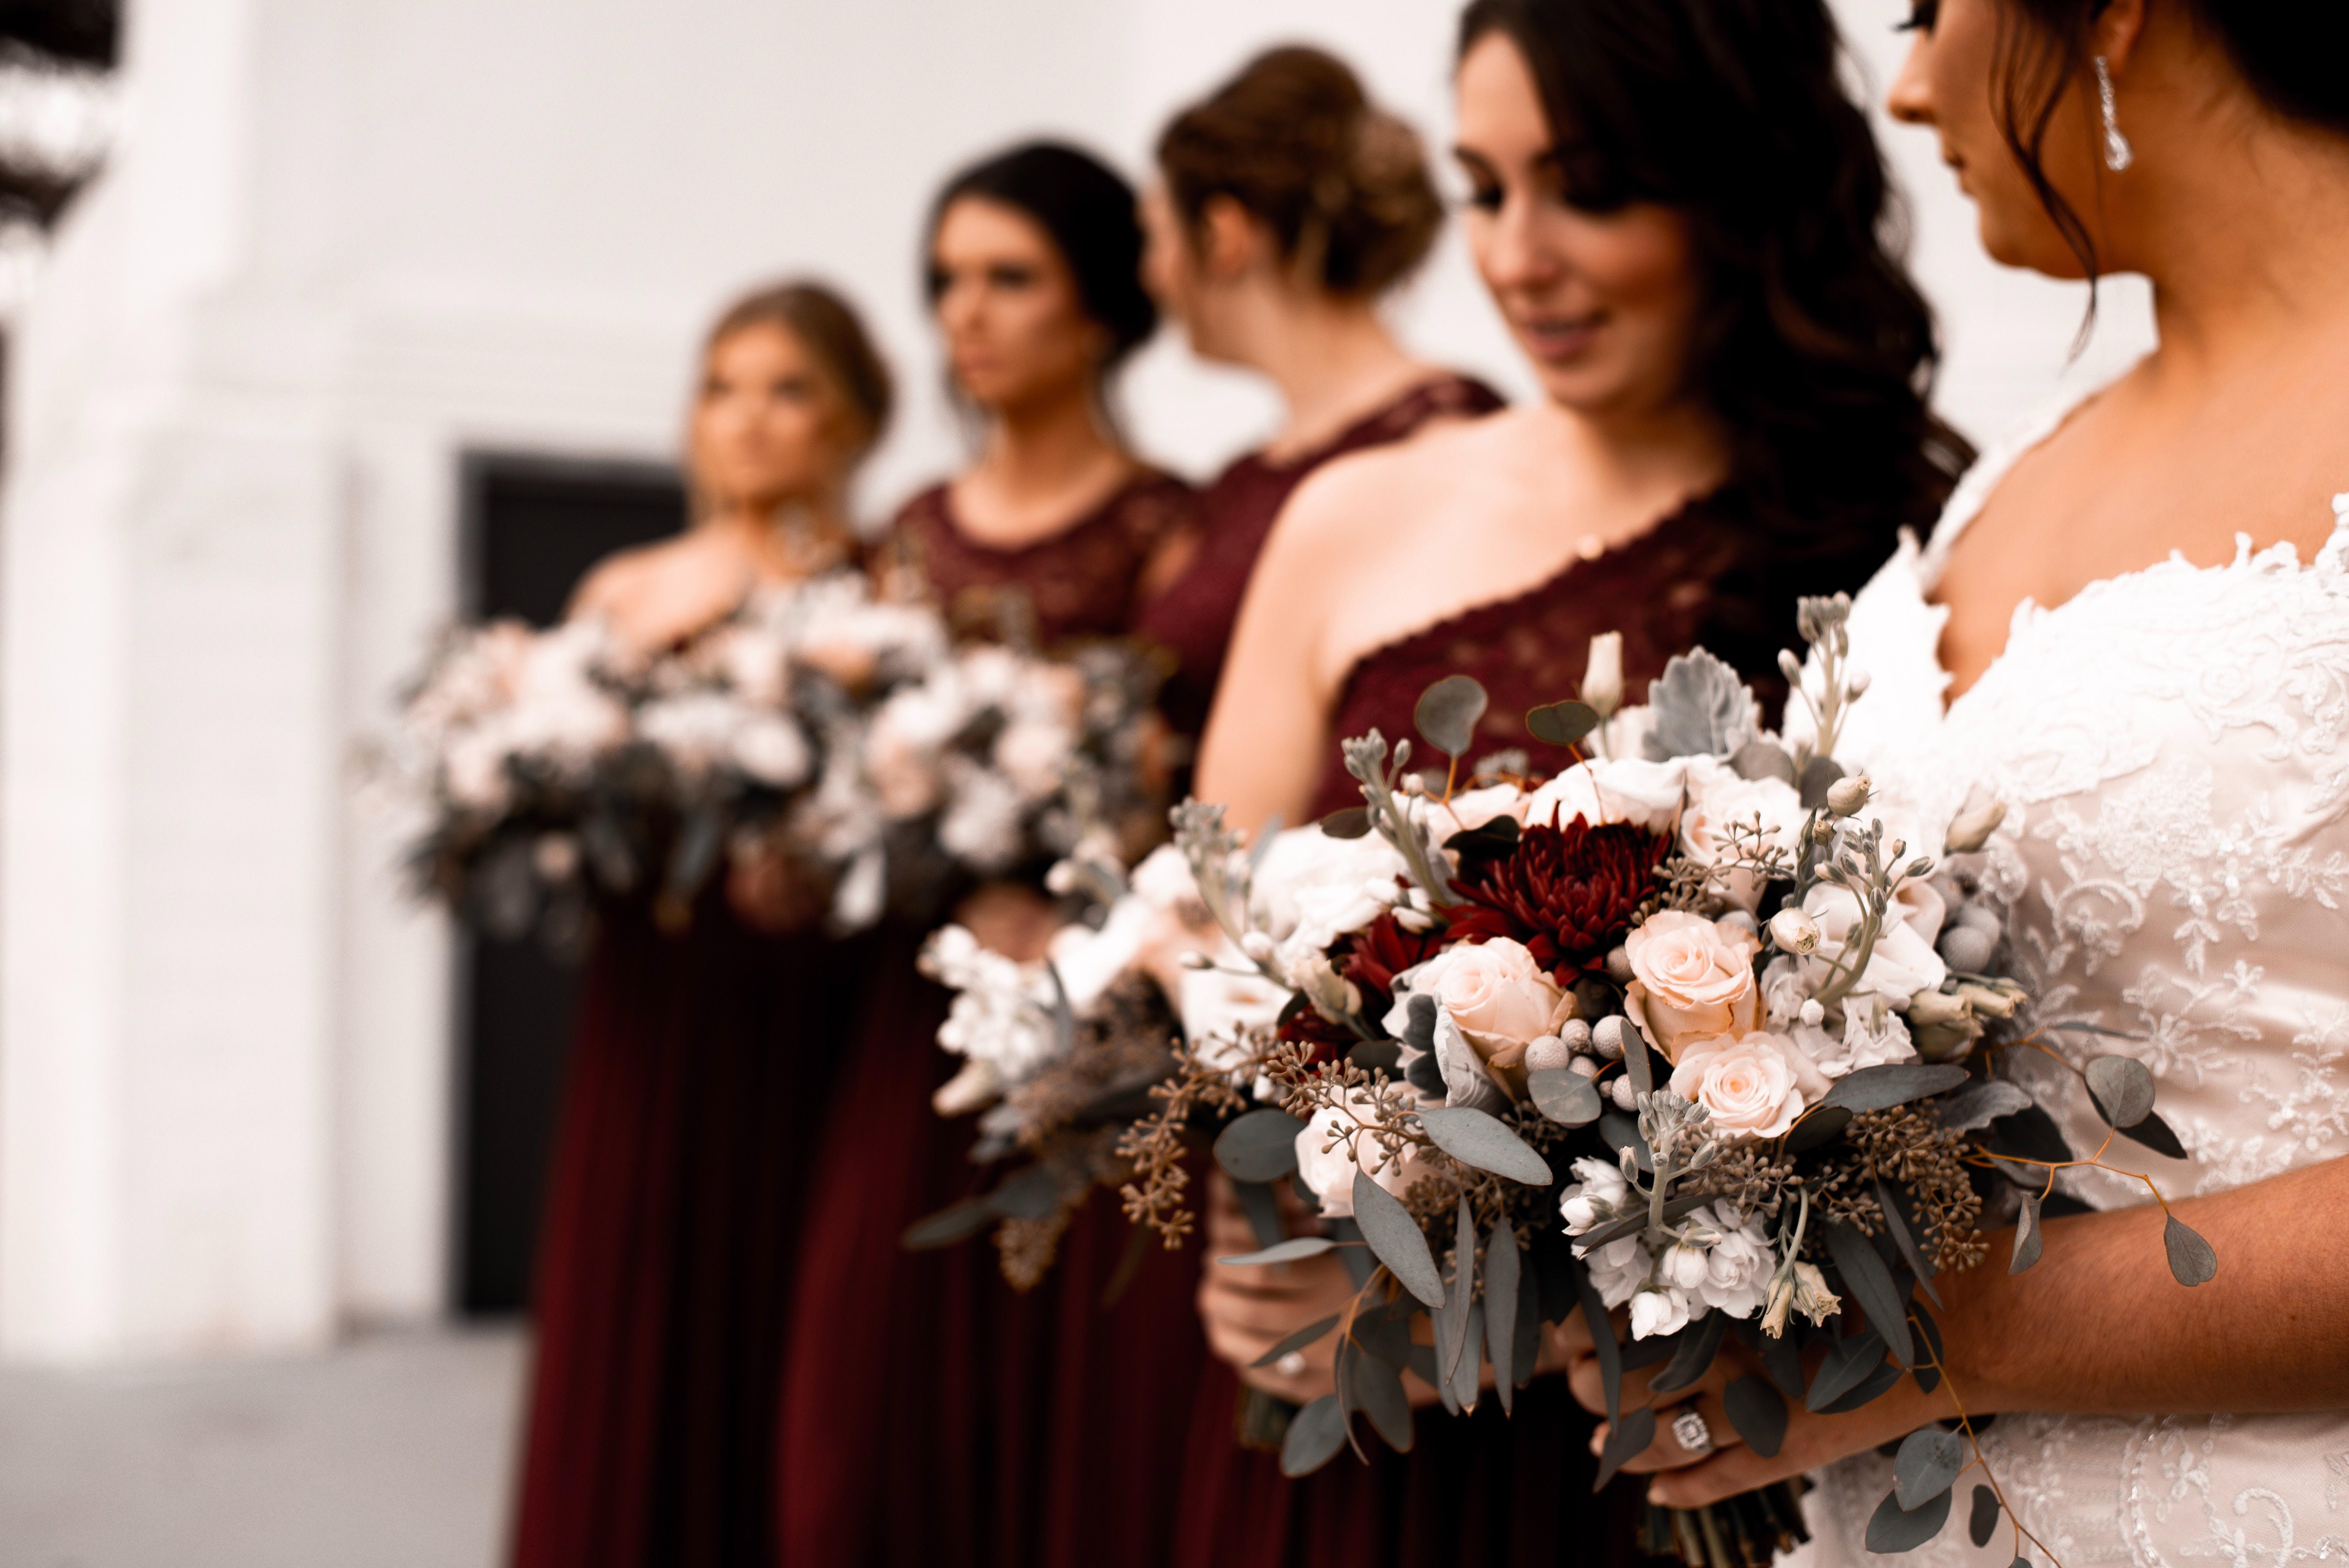 Imagen que contiene, ramo, personas, vestido de boda